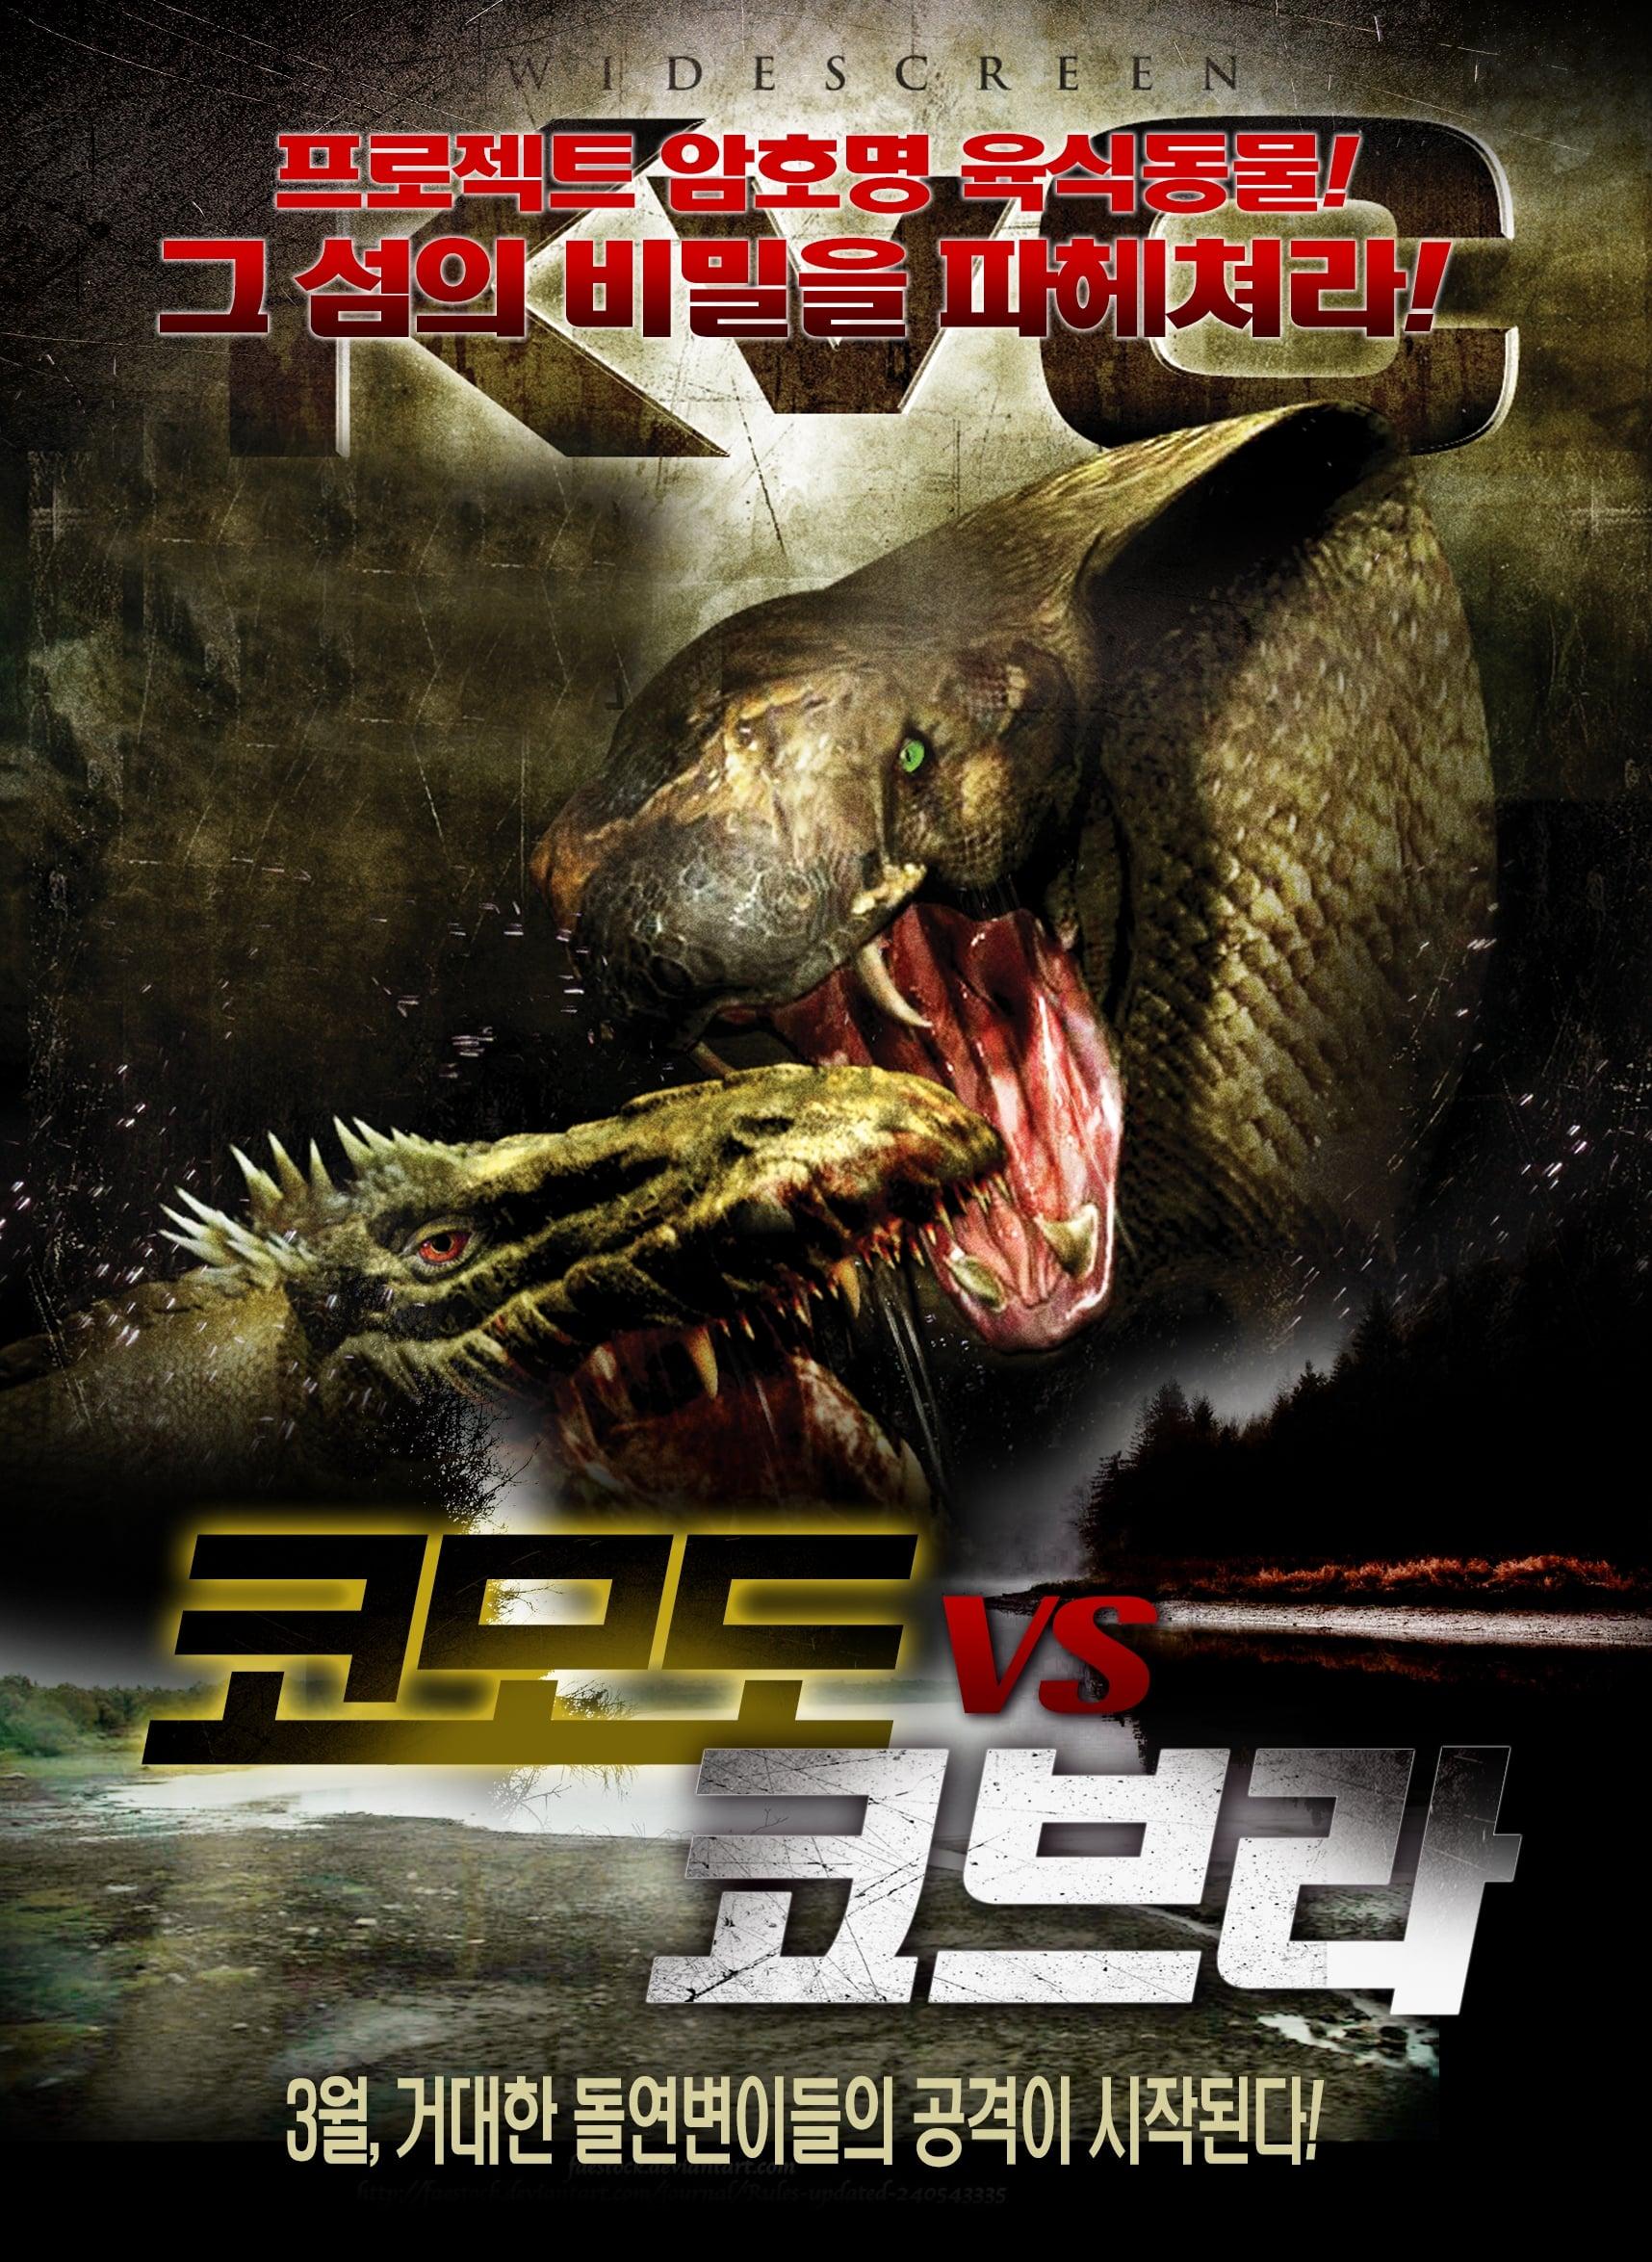 Komodo vs. Cobra